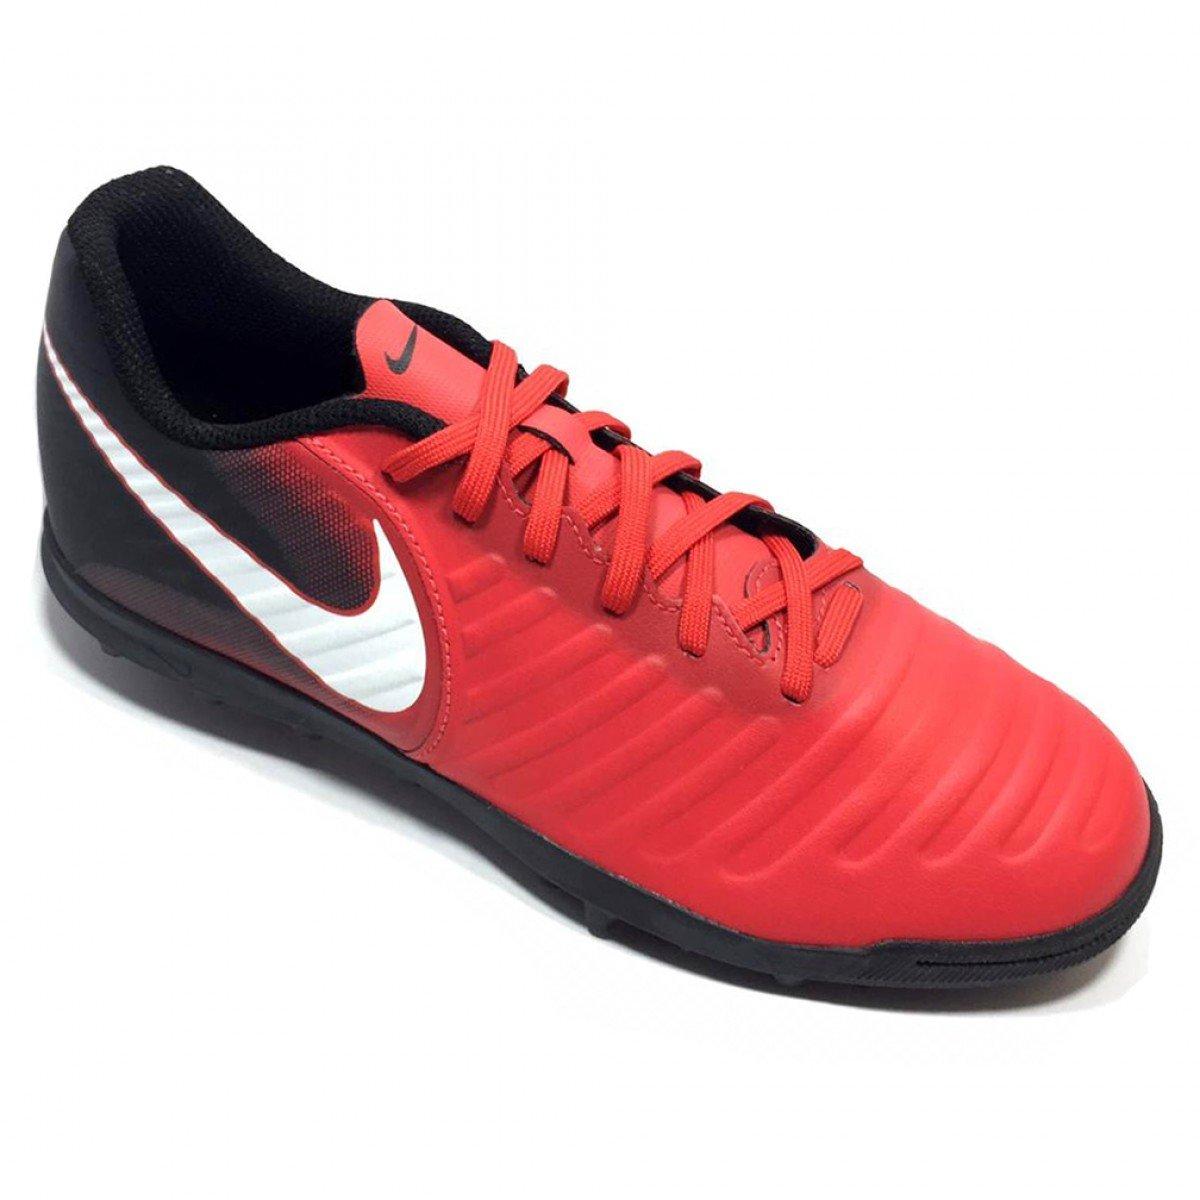 5036e9fc10 Chuteira Nike Tiempox Rio Iv Tf Masculina Vermelha - Compre Agora ...